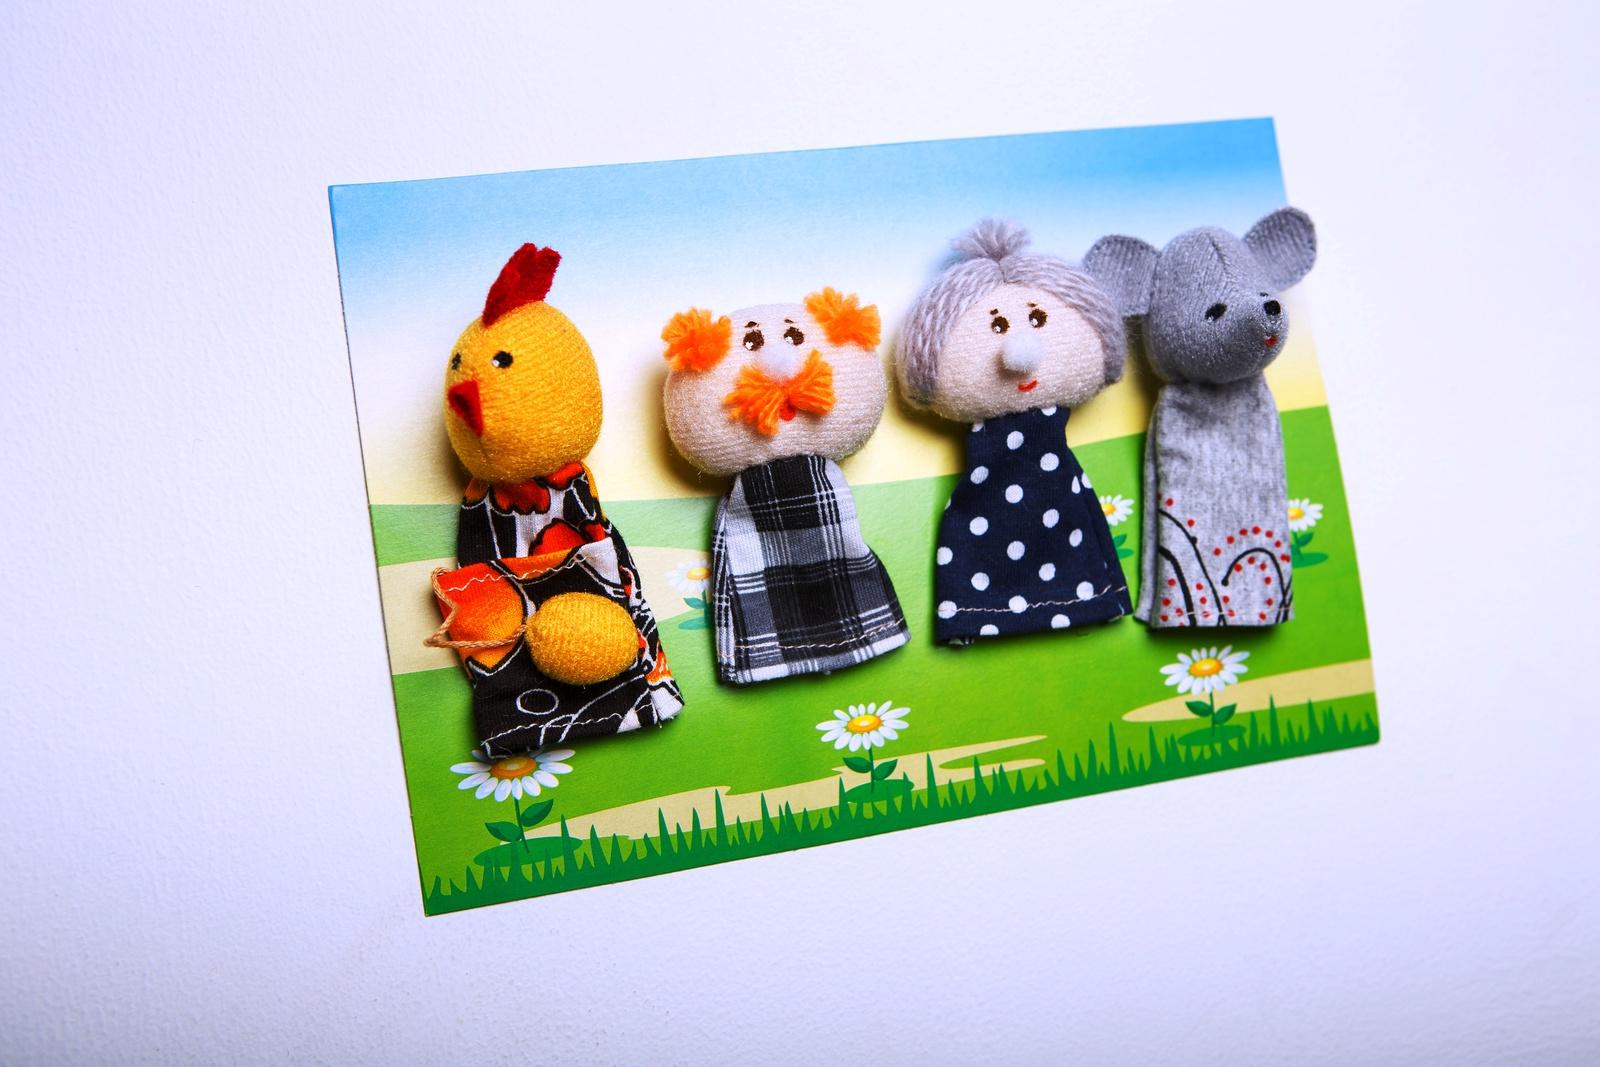 Кукольный театр Наивный мир 017.06 разноцветный